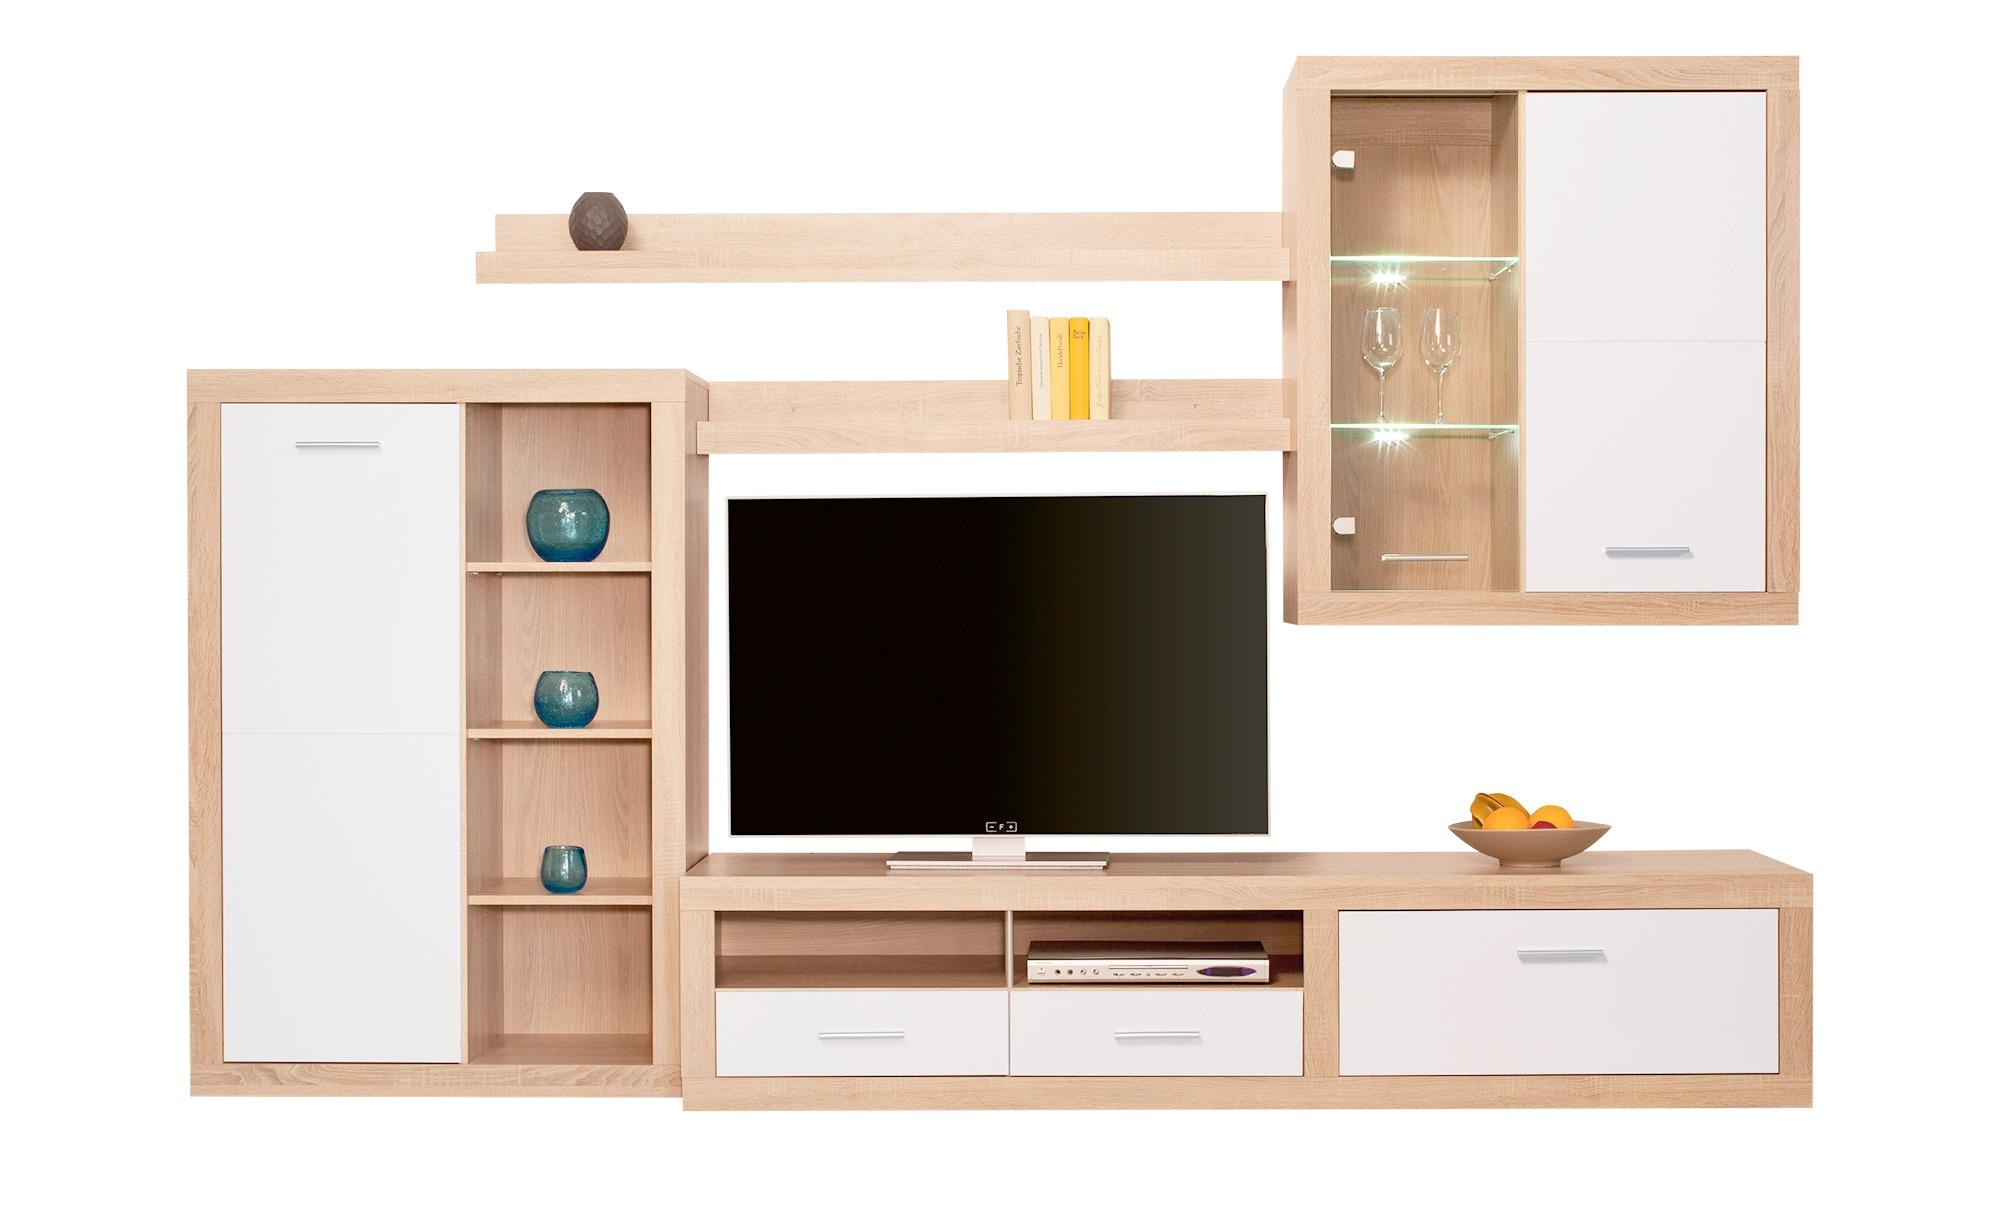 Moderne Wohnwand Cuevo In 2020 Wohnwand Wohnen Haus